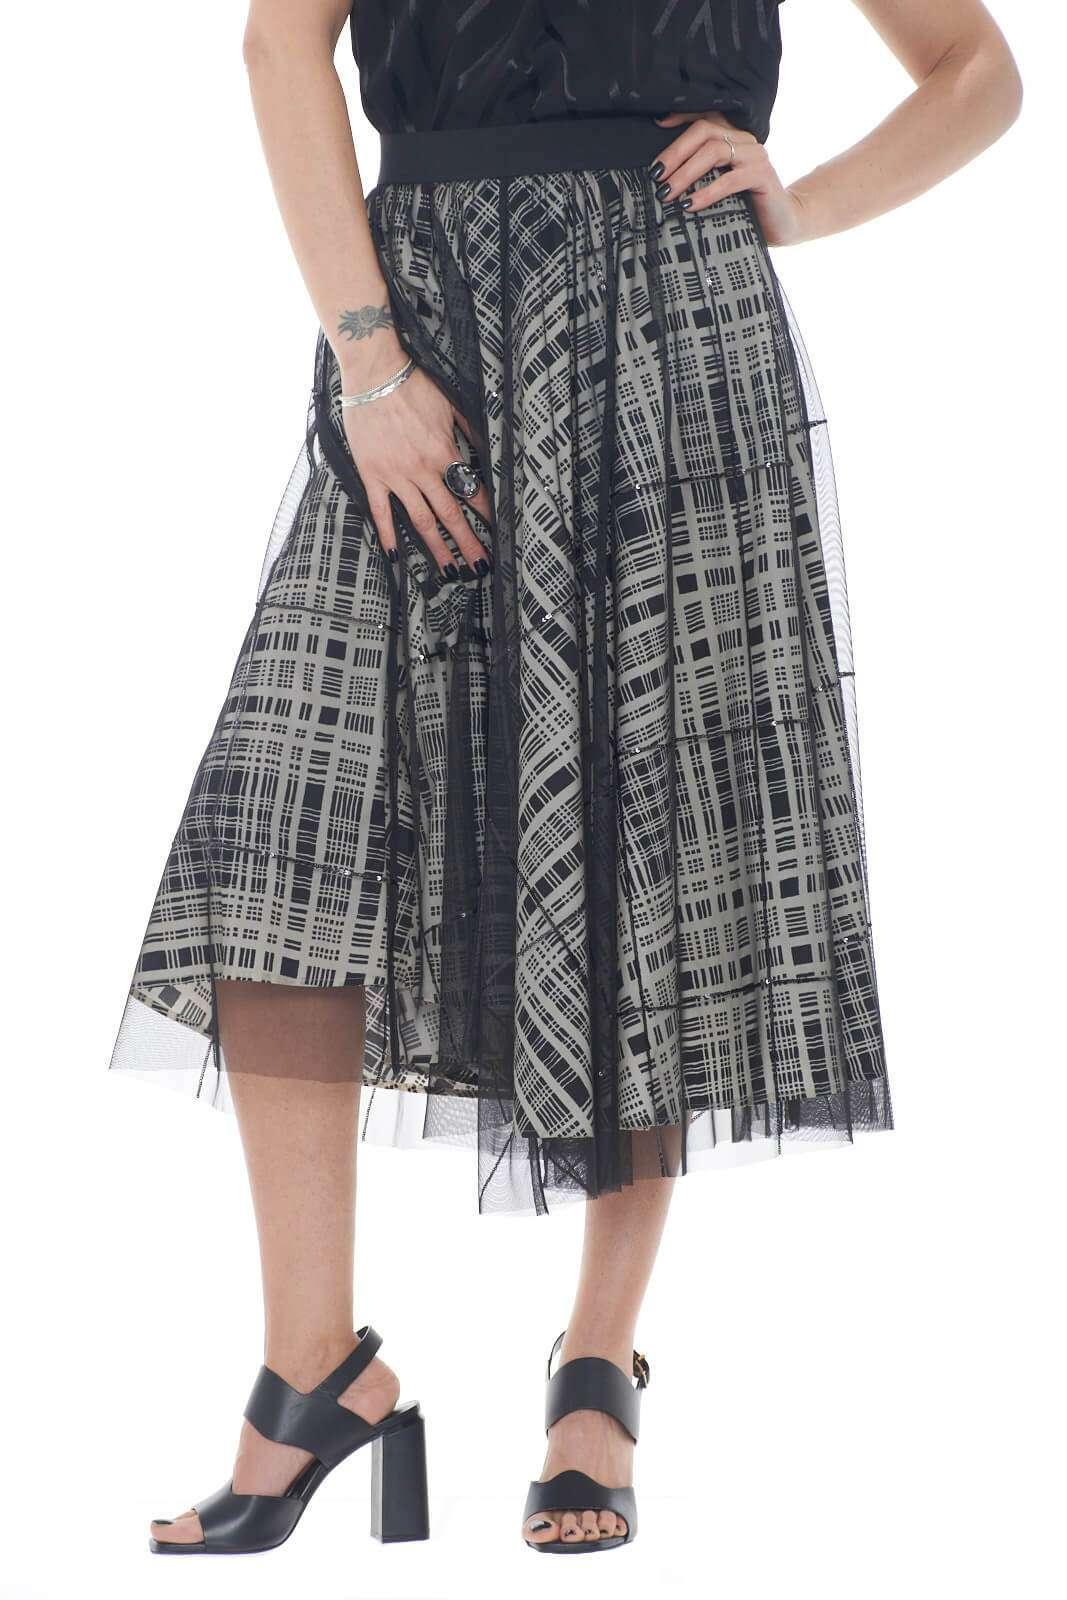 Una gonna trendy e fashion, il modello GAP di WeekEnd MaxMara. Perfetta per outfit esclusivi e alla moda, dove conquisterai tutti con abbinamenti semplici e classici. Per la donna che ama look sempre di tendenza.